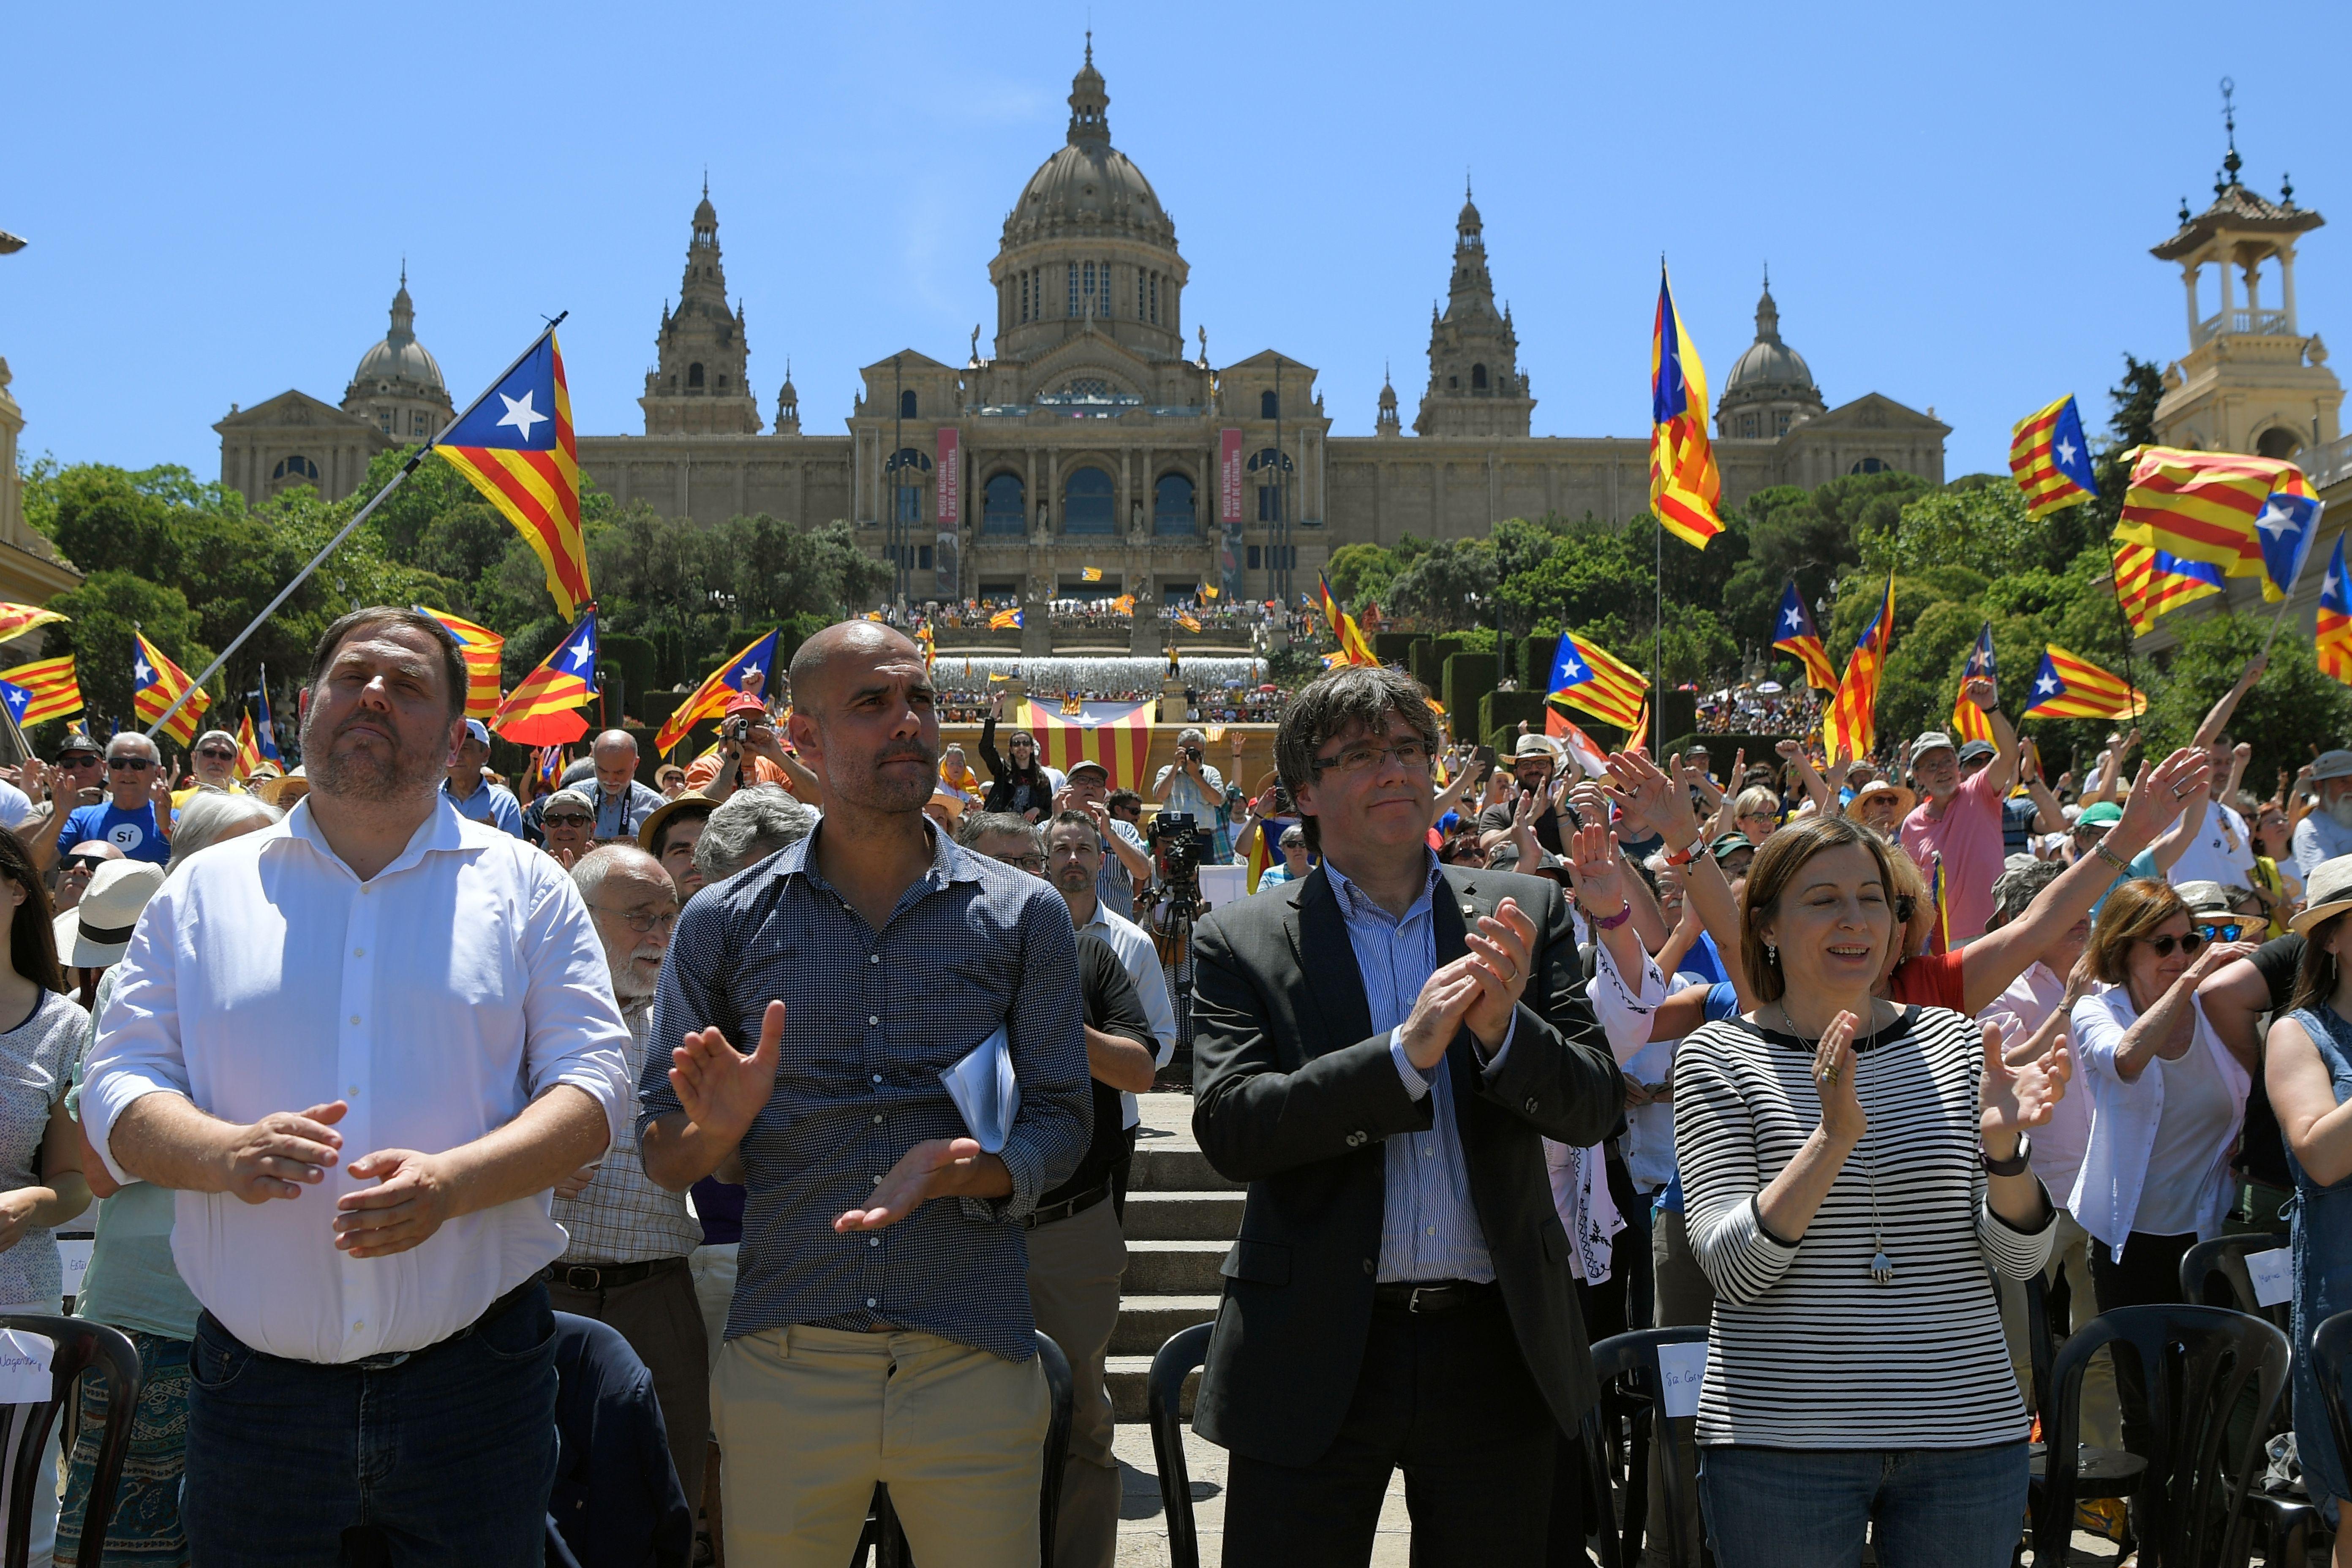 Pep Guardiola Catalunya independence